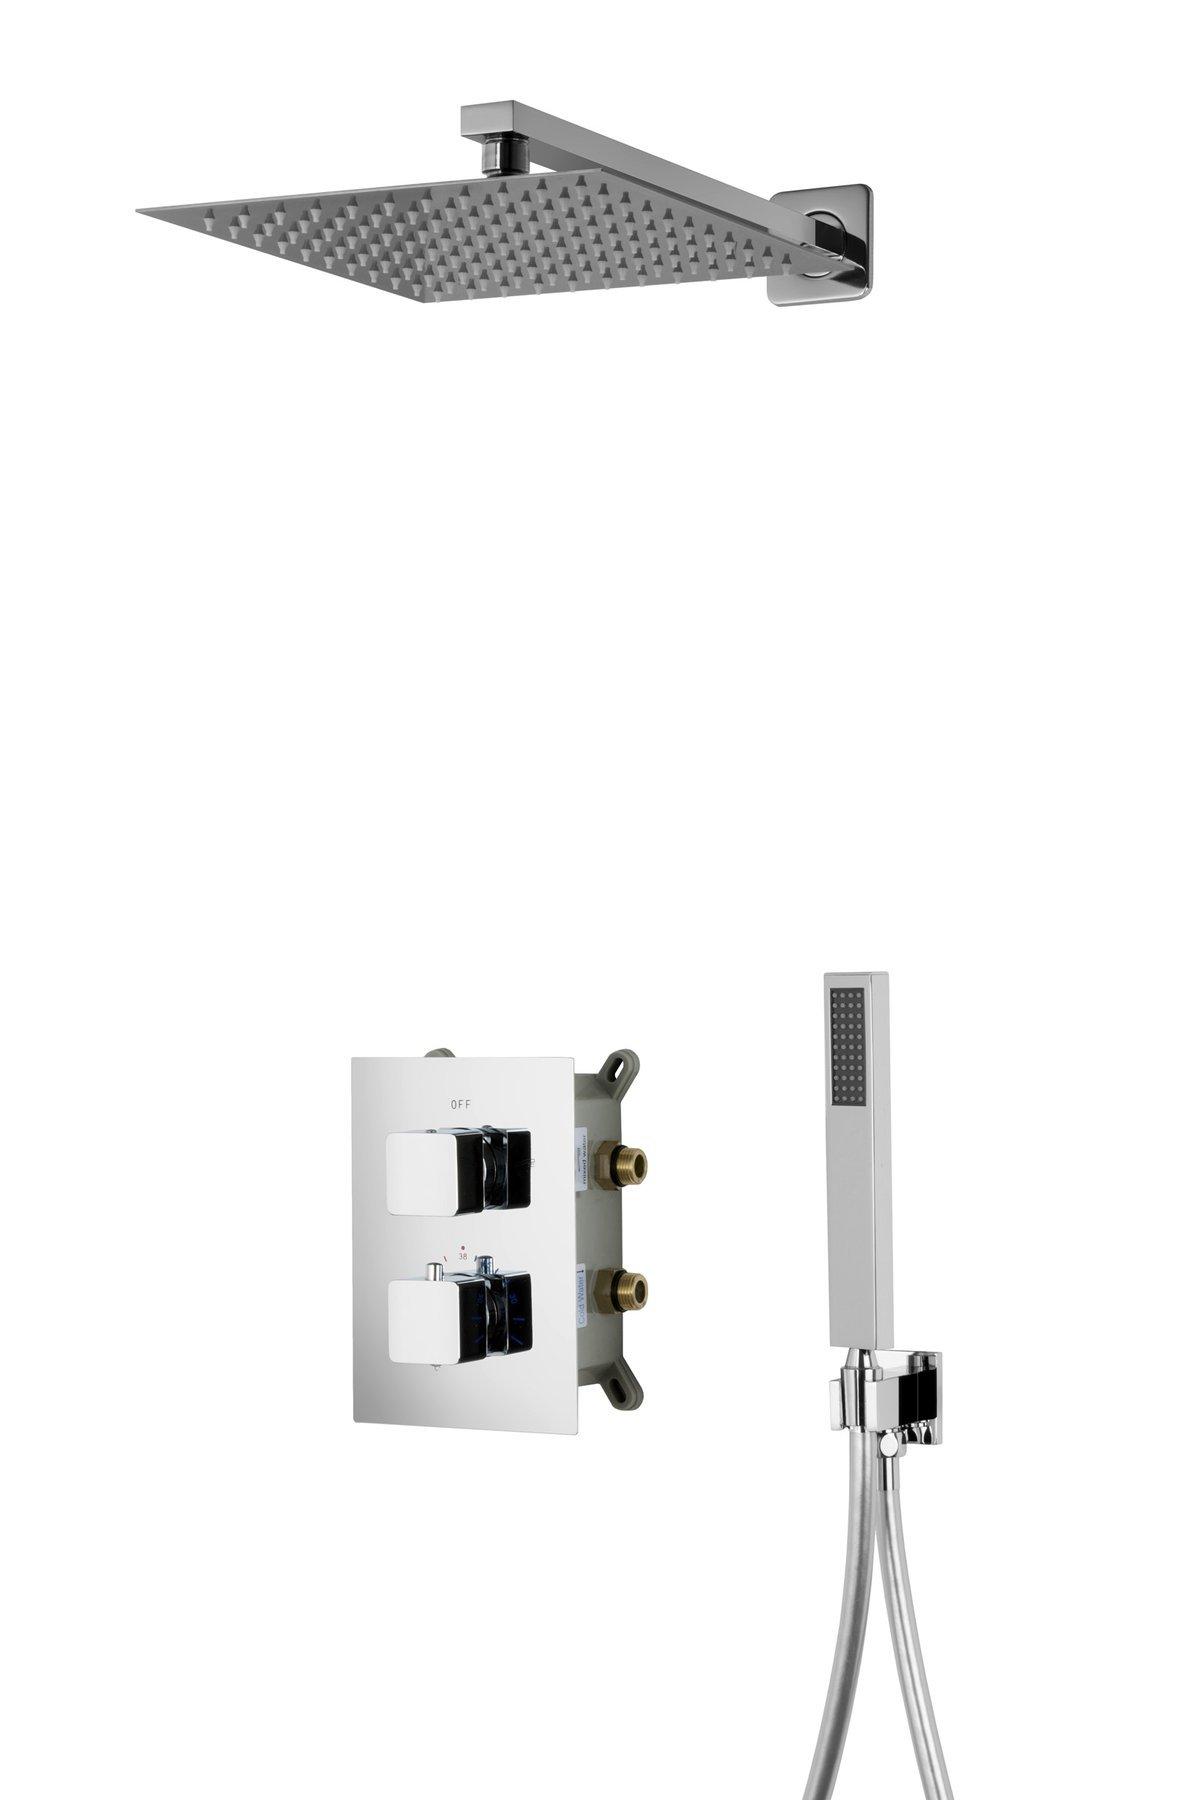 Sprchová súprava pre podomietkovú inštaláciu Corsan Z01TCH chróm s termostatom